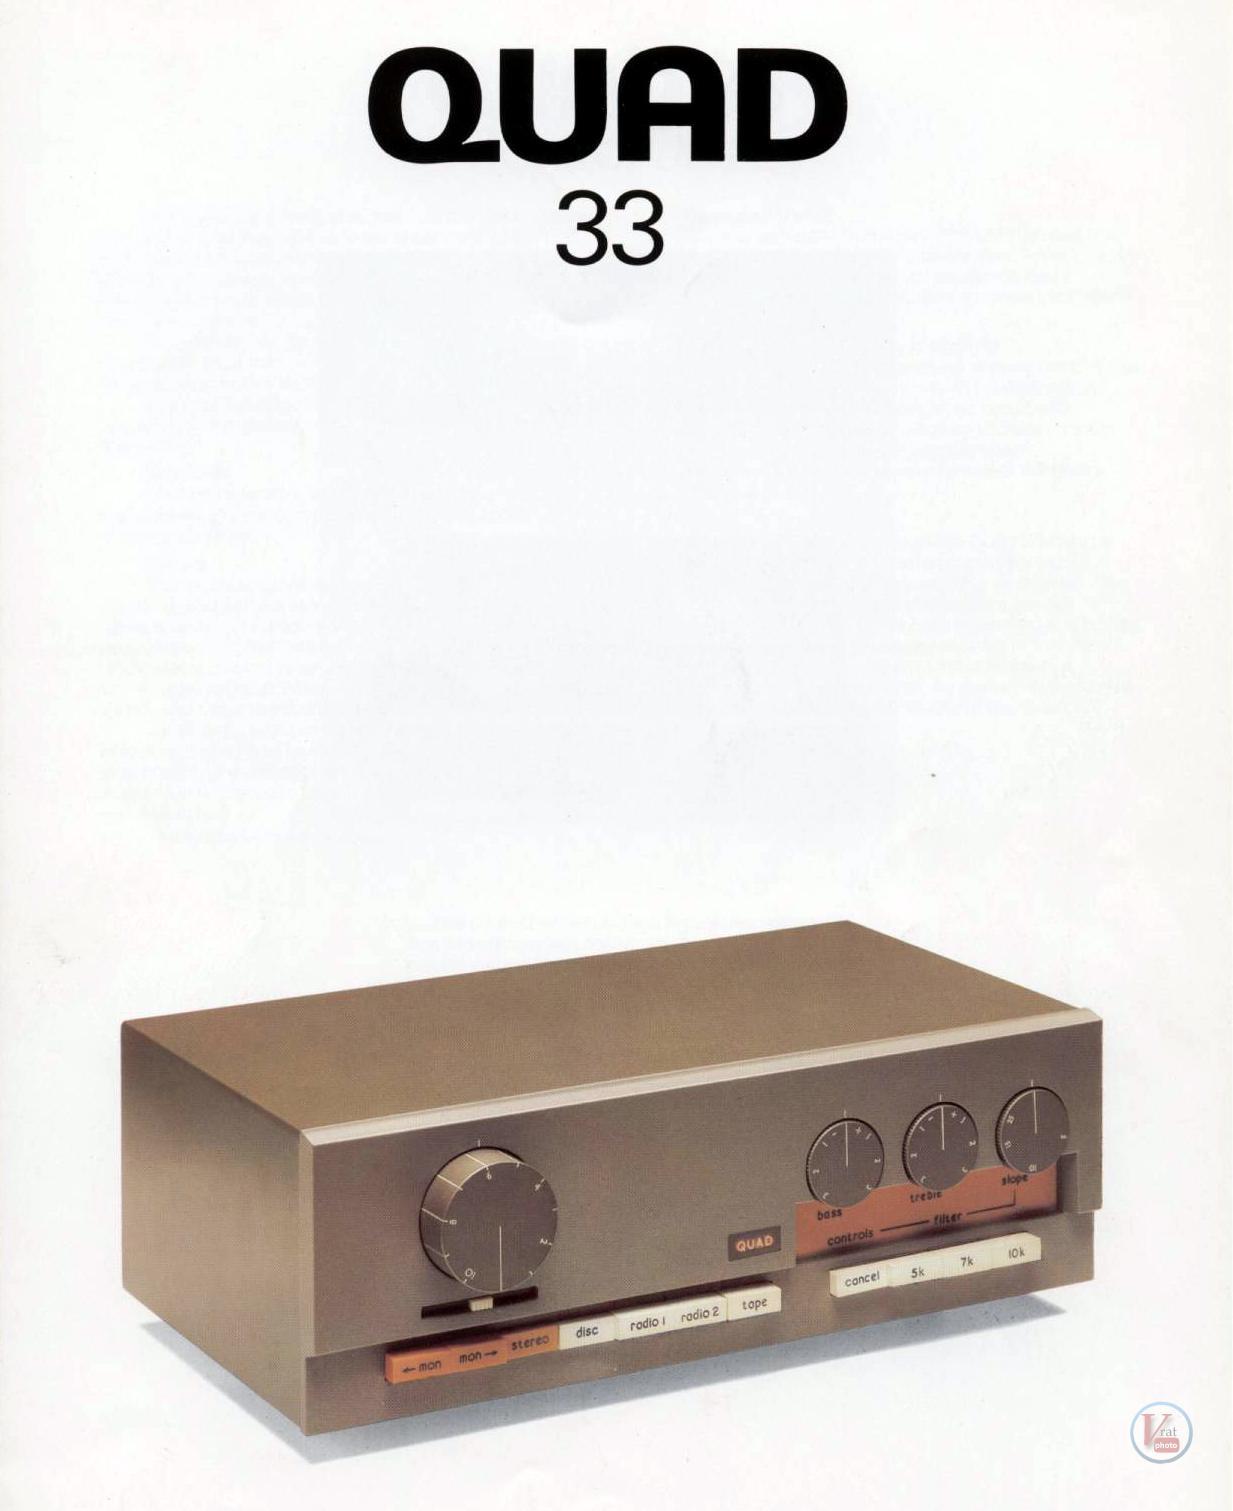 Quad 33 22